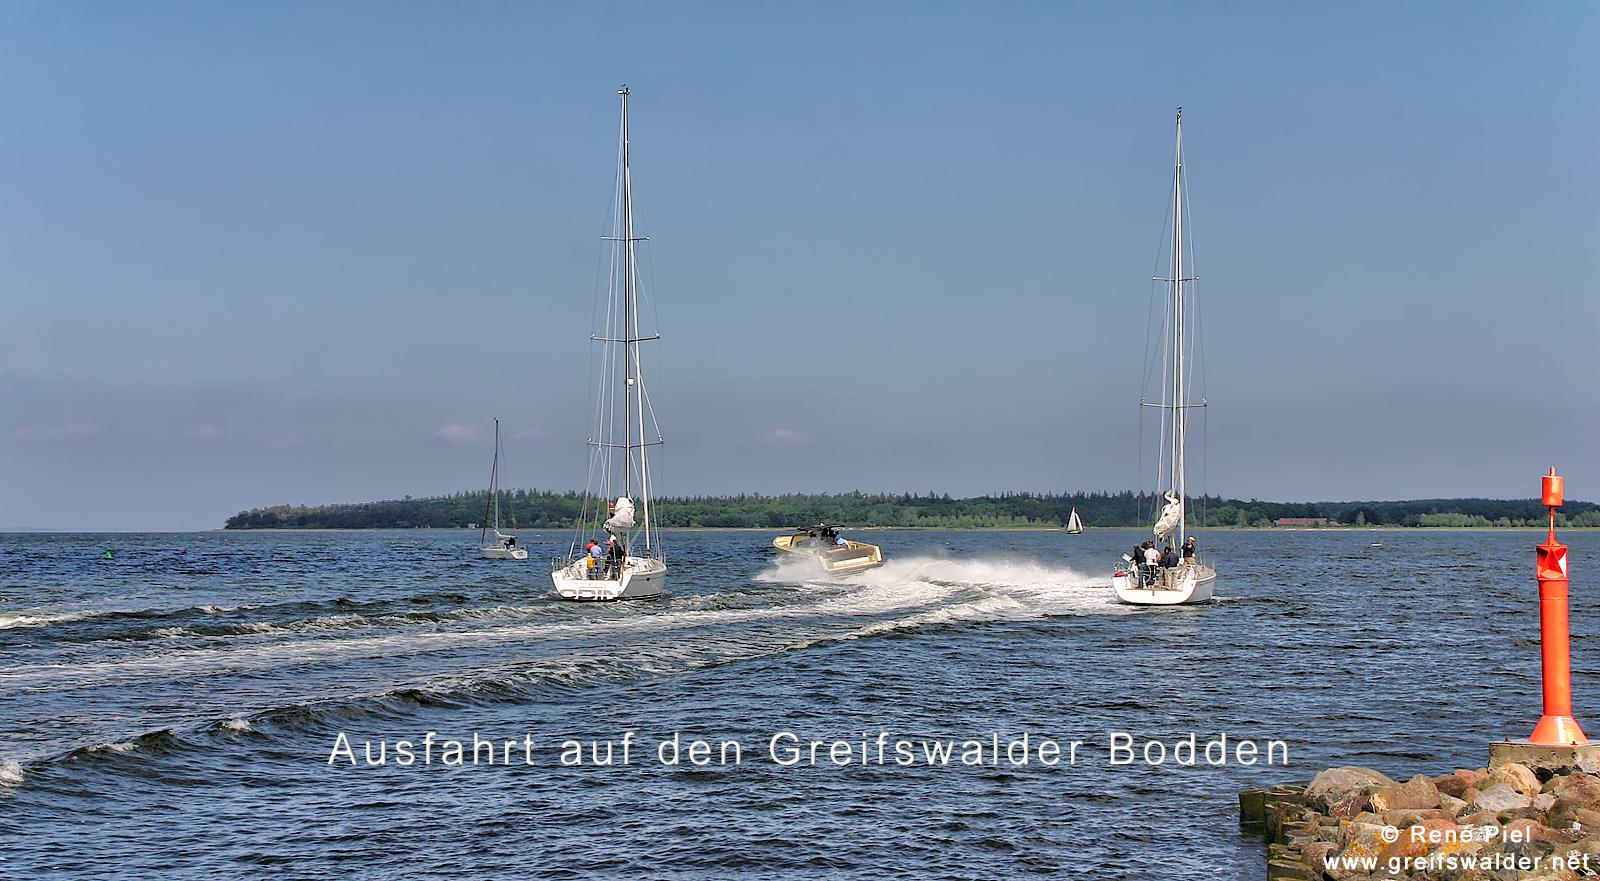 Ausfahrt auf den Greifswalder Bodden